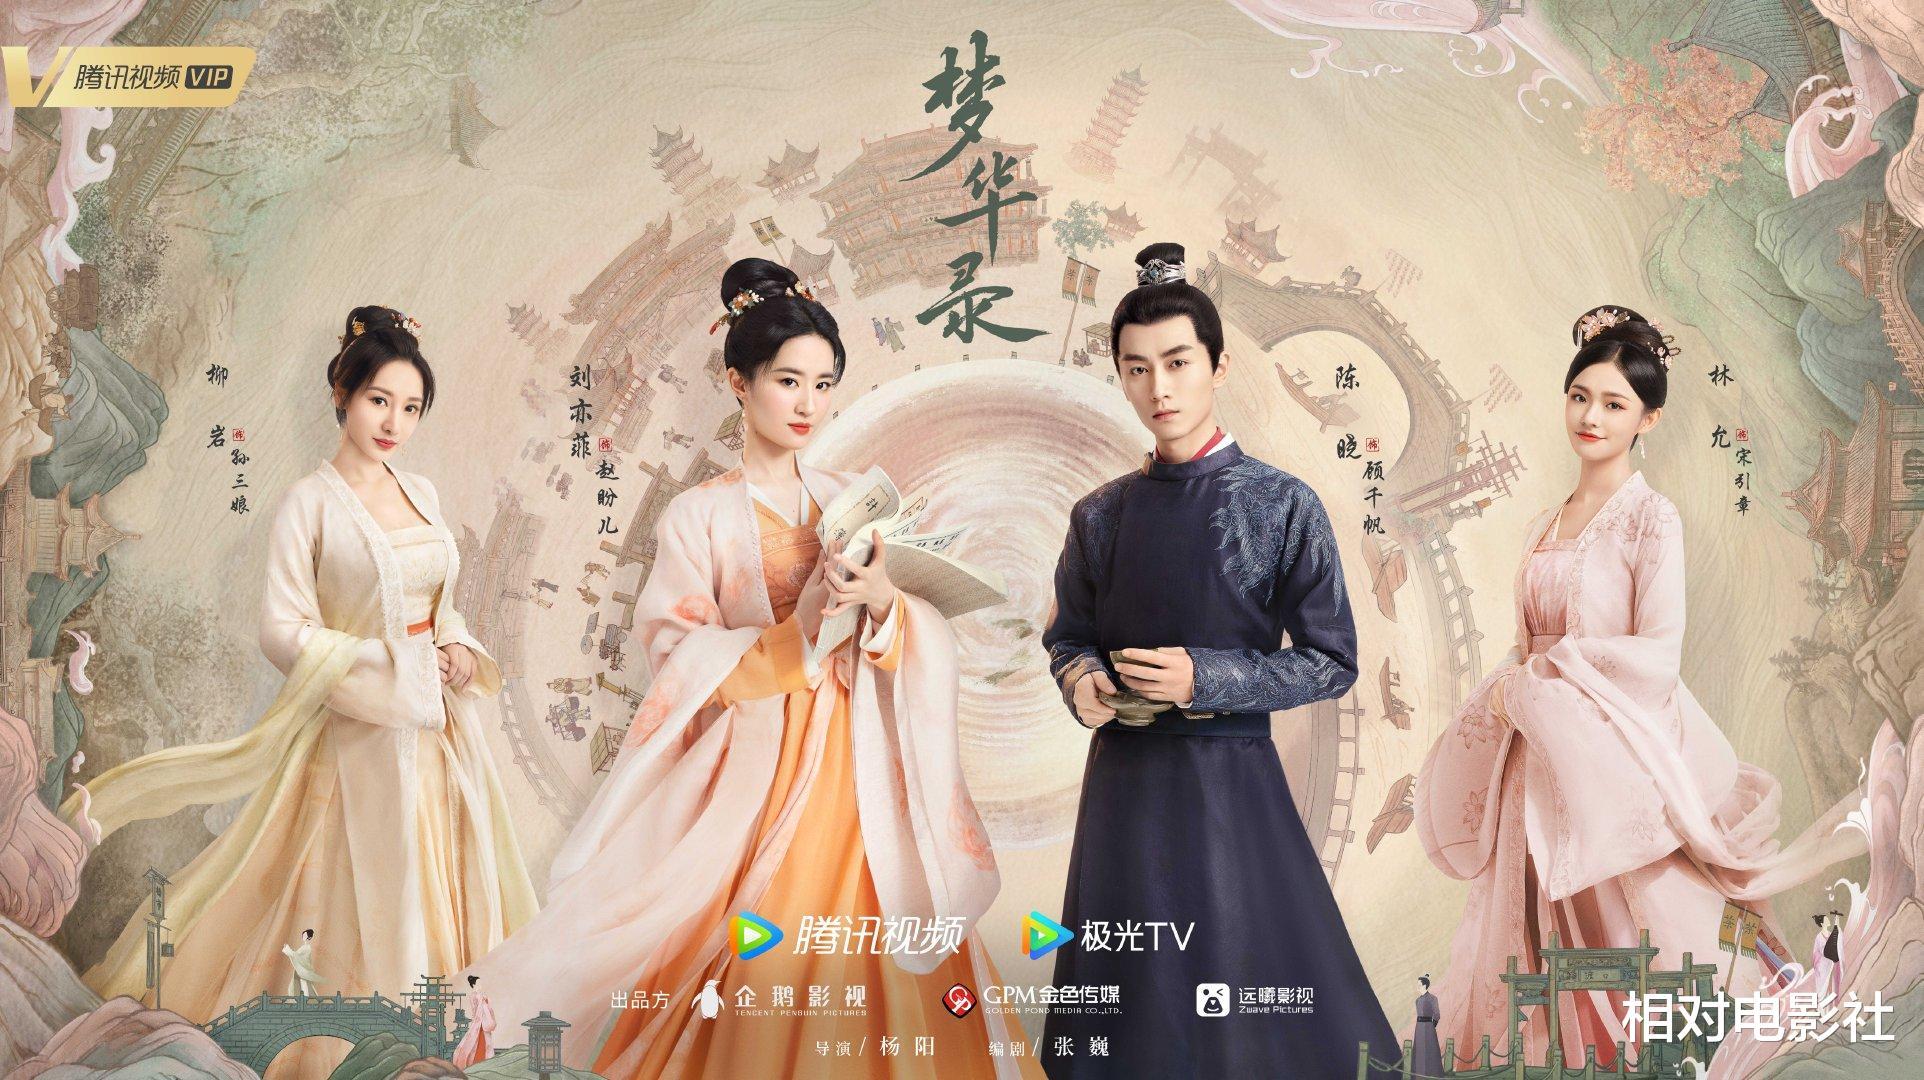 电视剧《云襄传》正式开机!陈晓、毛晓彤再次合作,王劲松特别主演